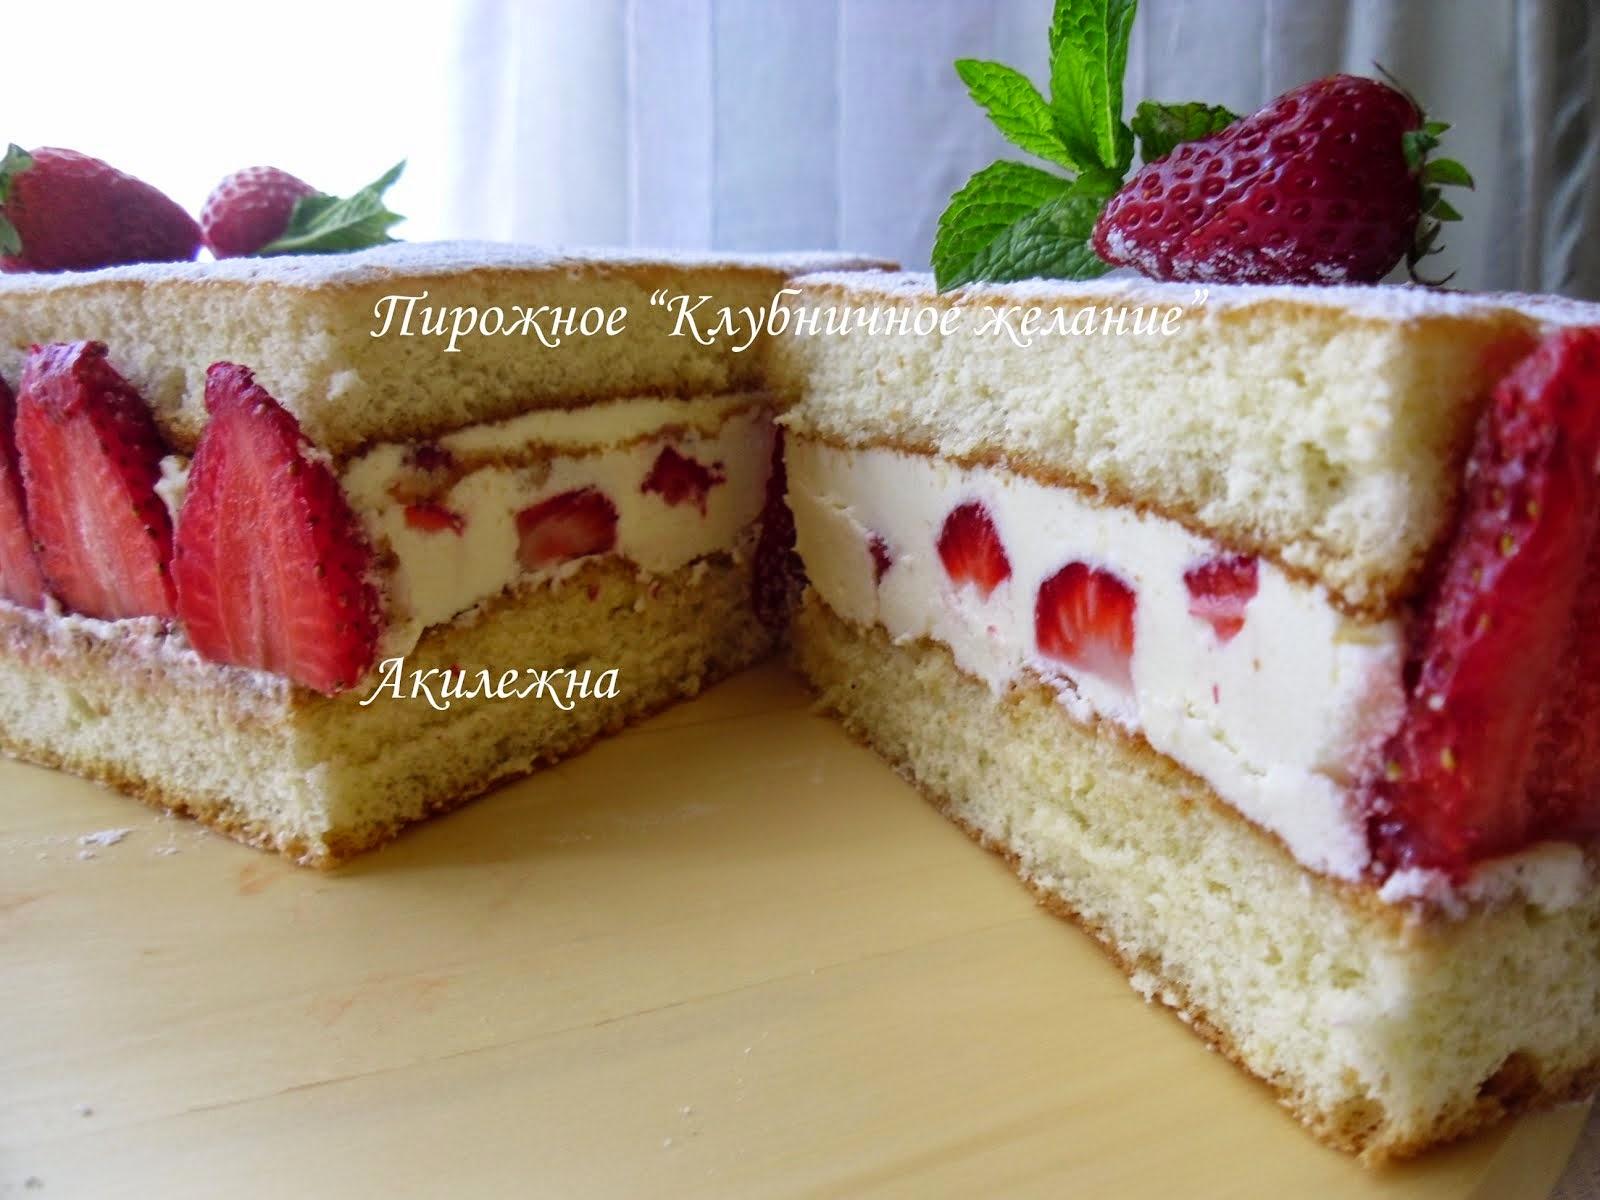 Торт «Клубничное желание»